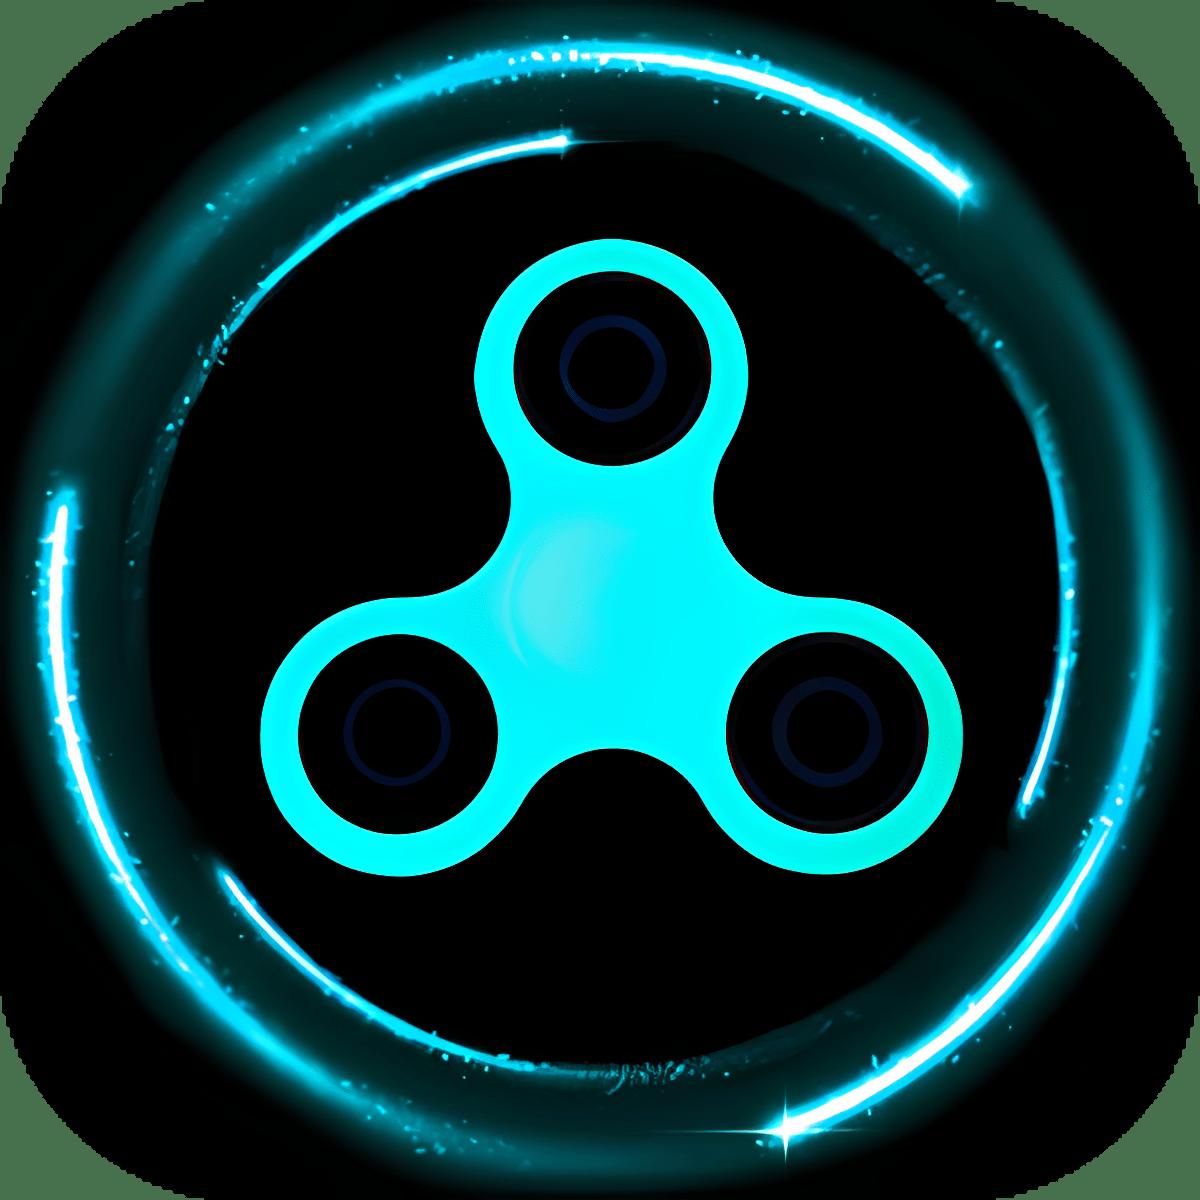 Fidget spinner simulator 1.1